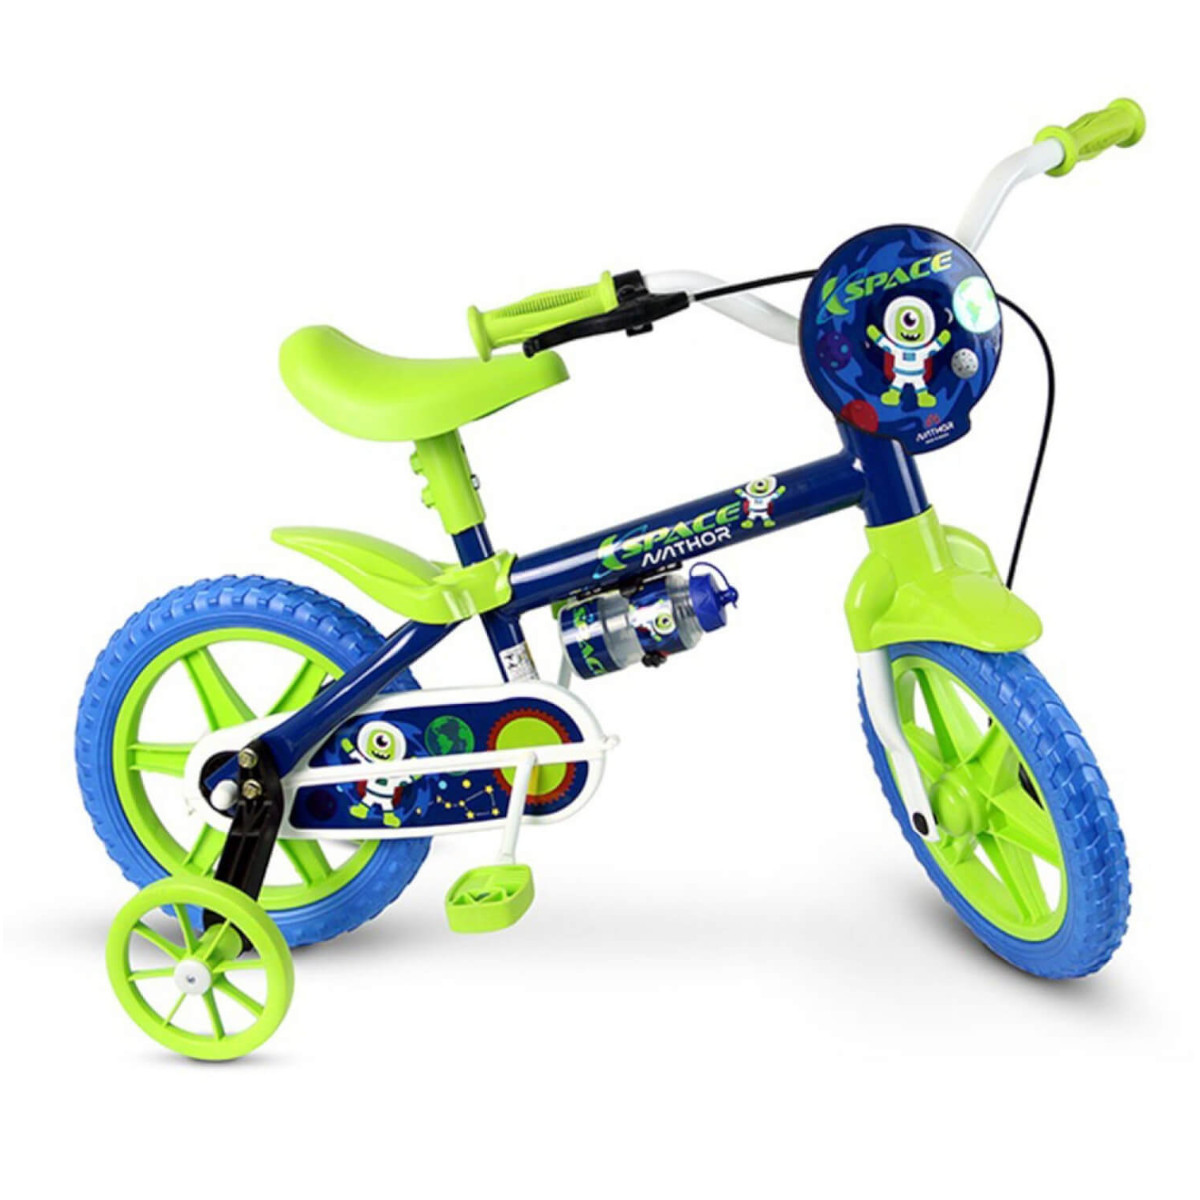 Bicicleta Infantil Nathor Azul Verde Aro 12 Rodinha Garrafa